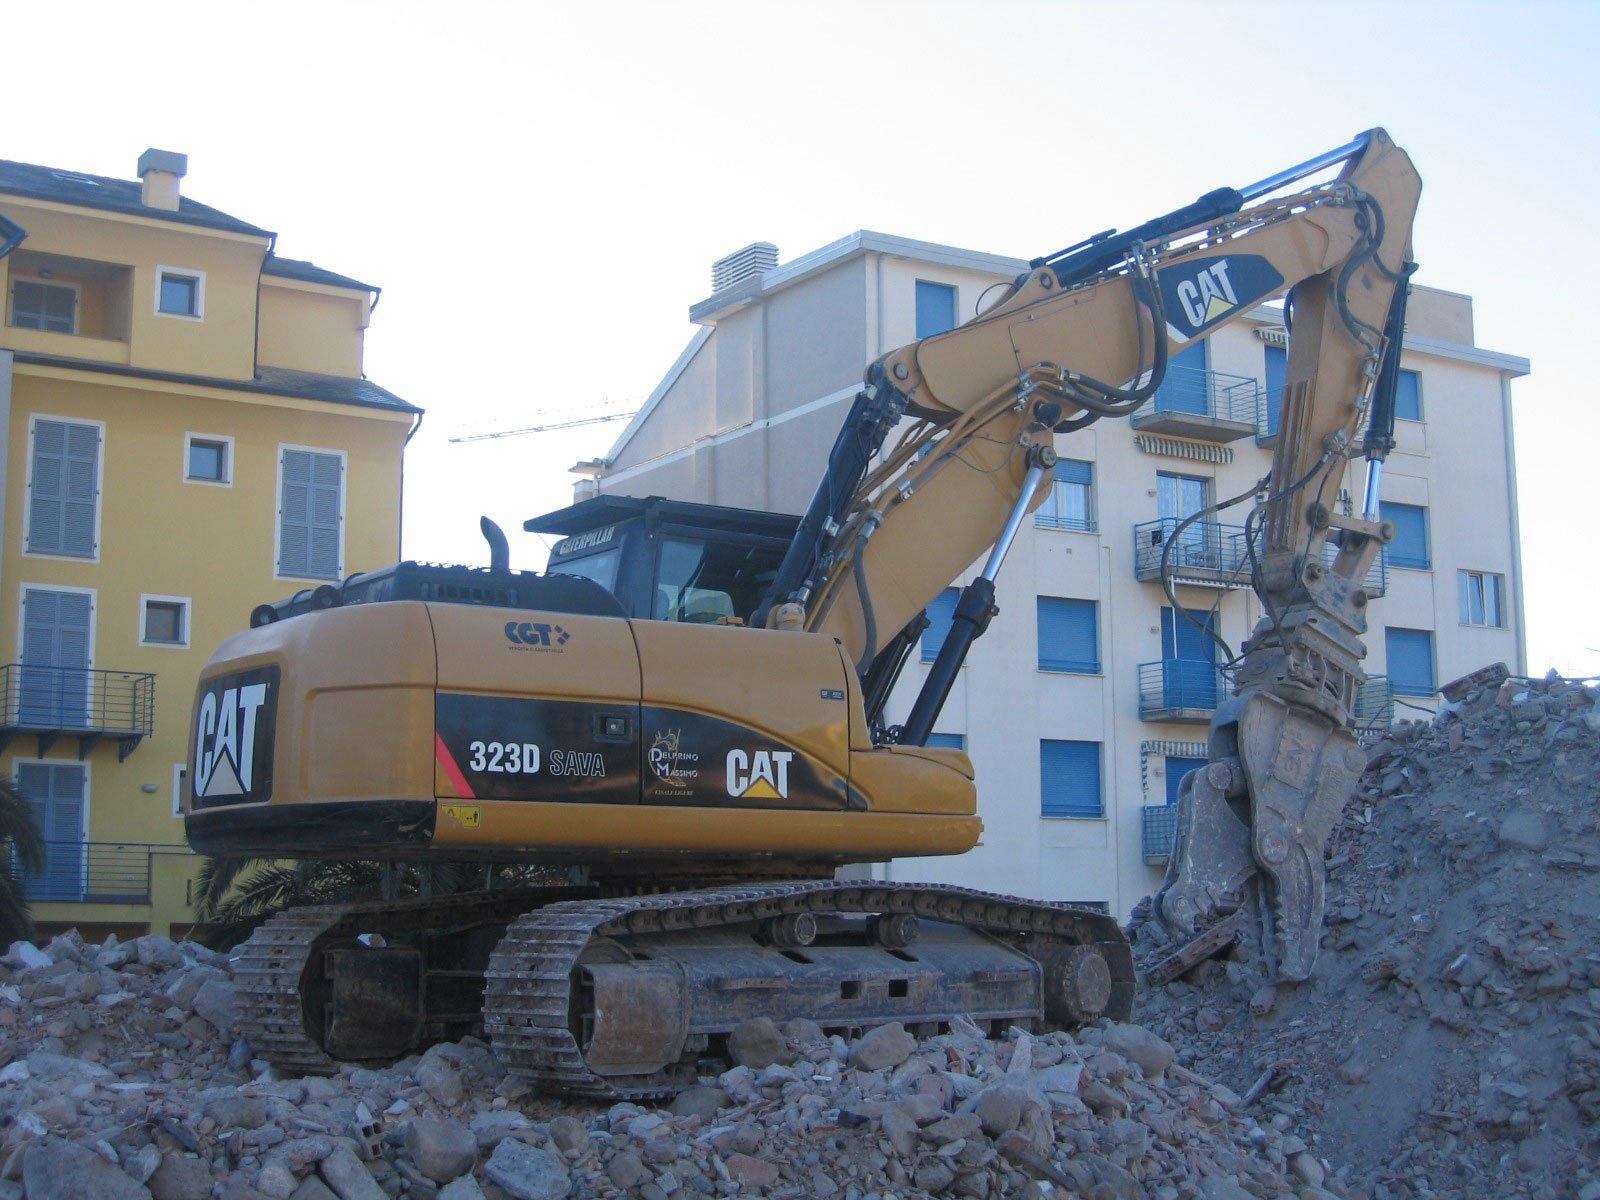 mezzo da lavoro cingolato di color giallo sta scavando vicino a un condominio